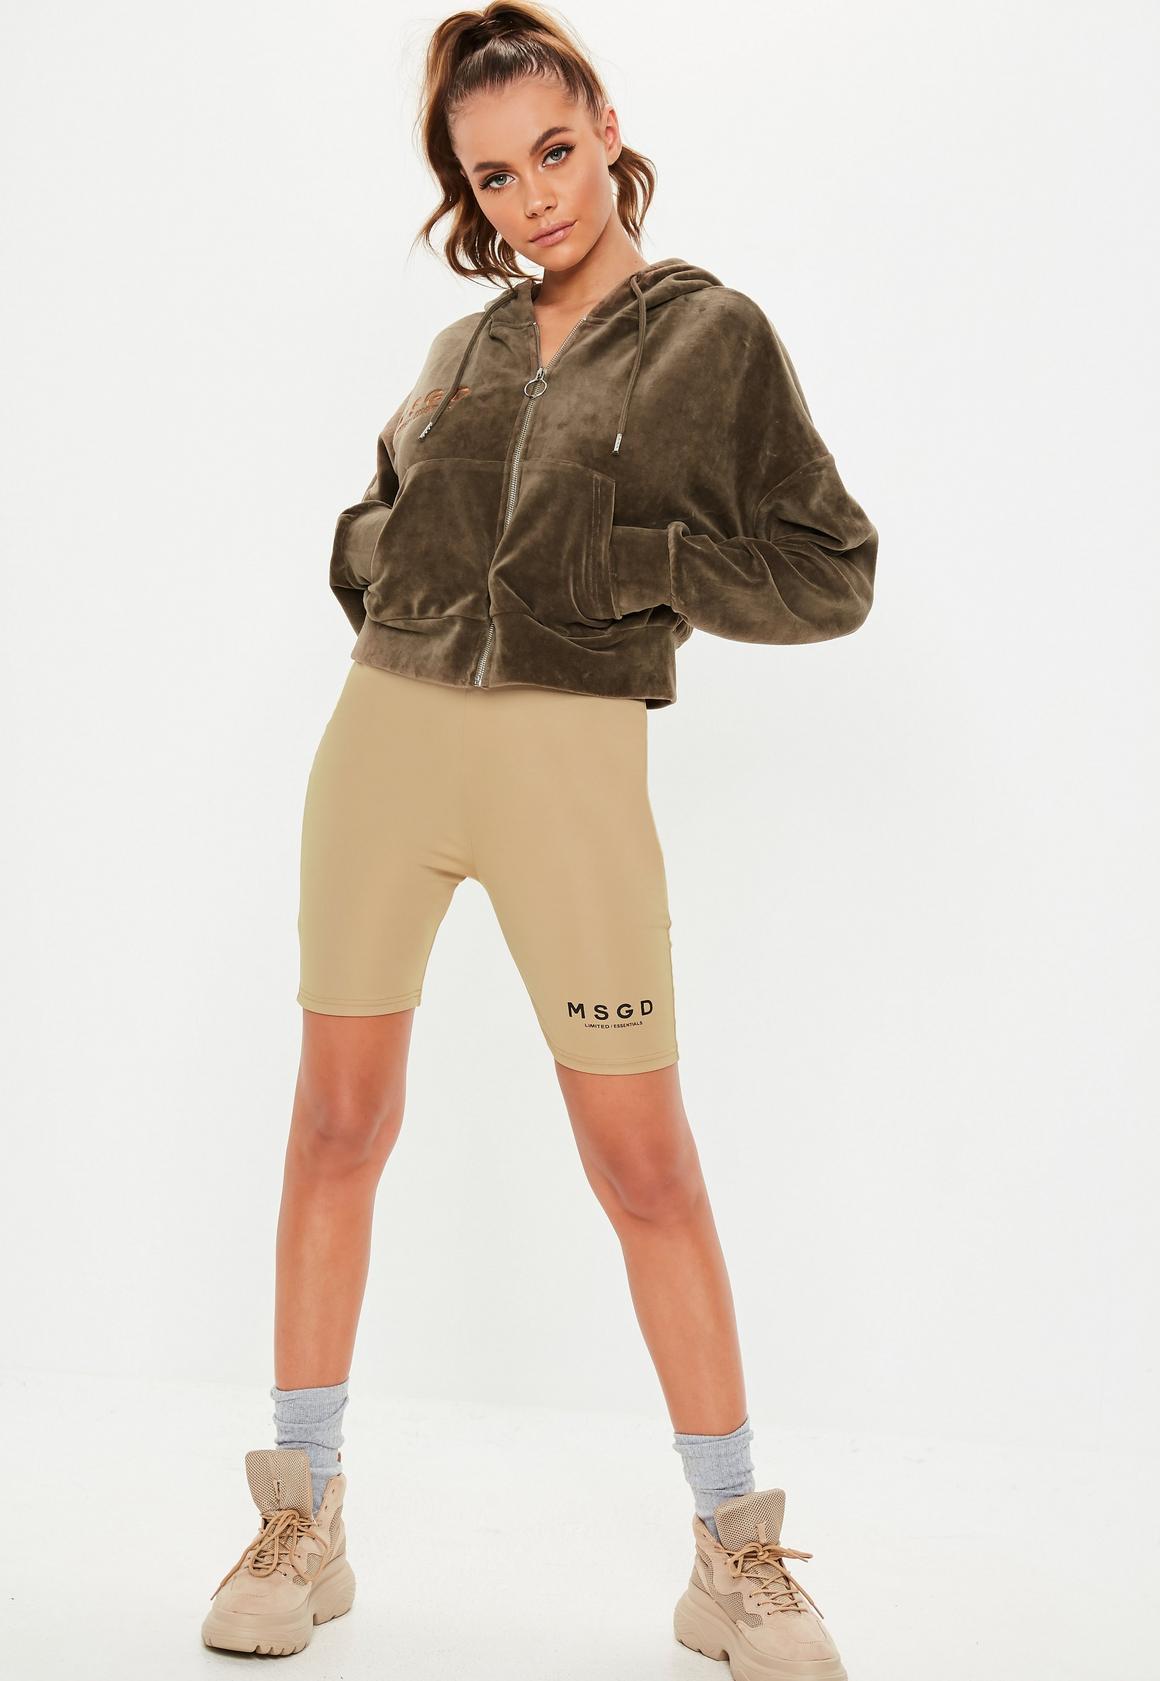 Missguided - gilet à capuche court en velours marron active - 2